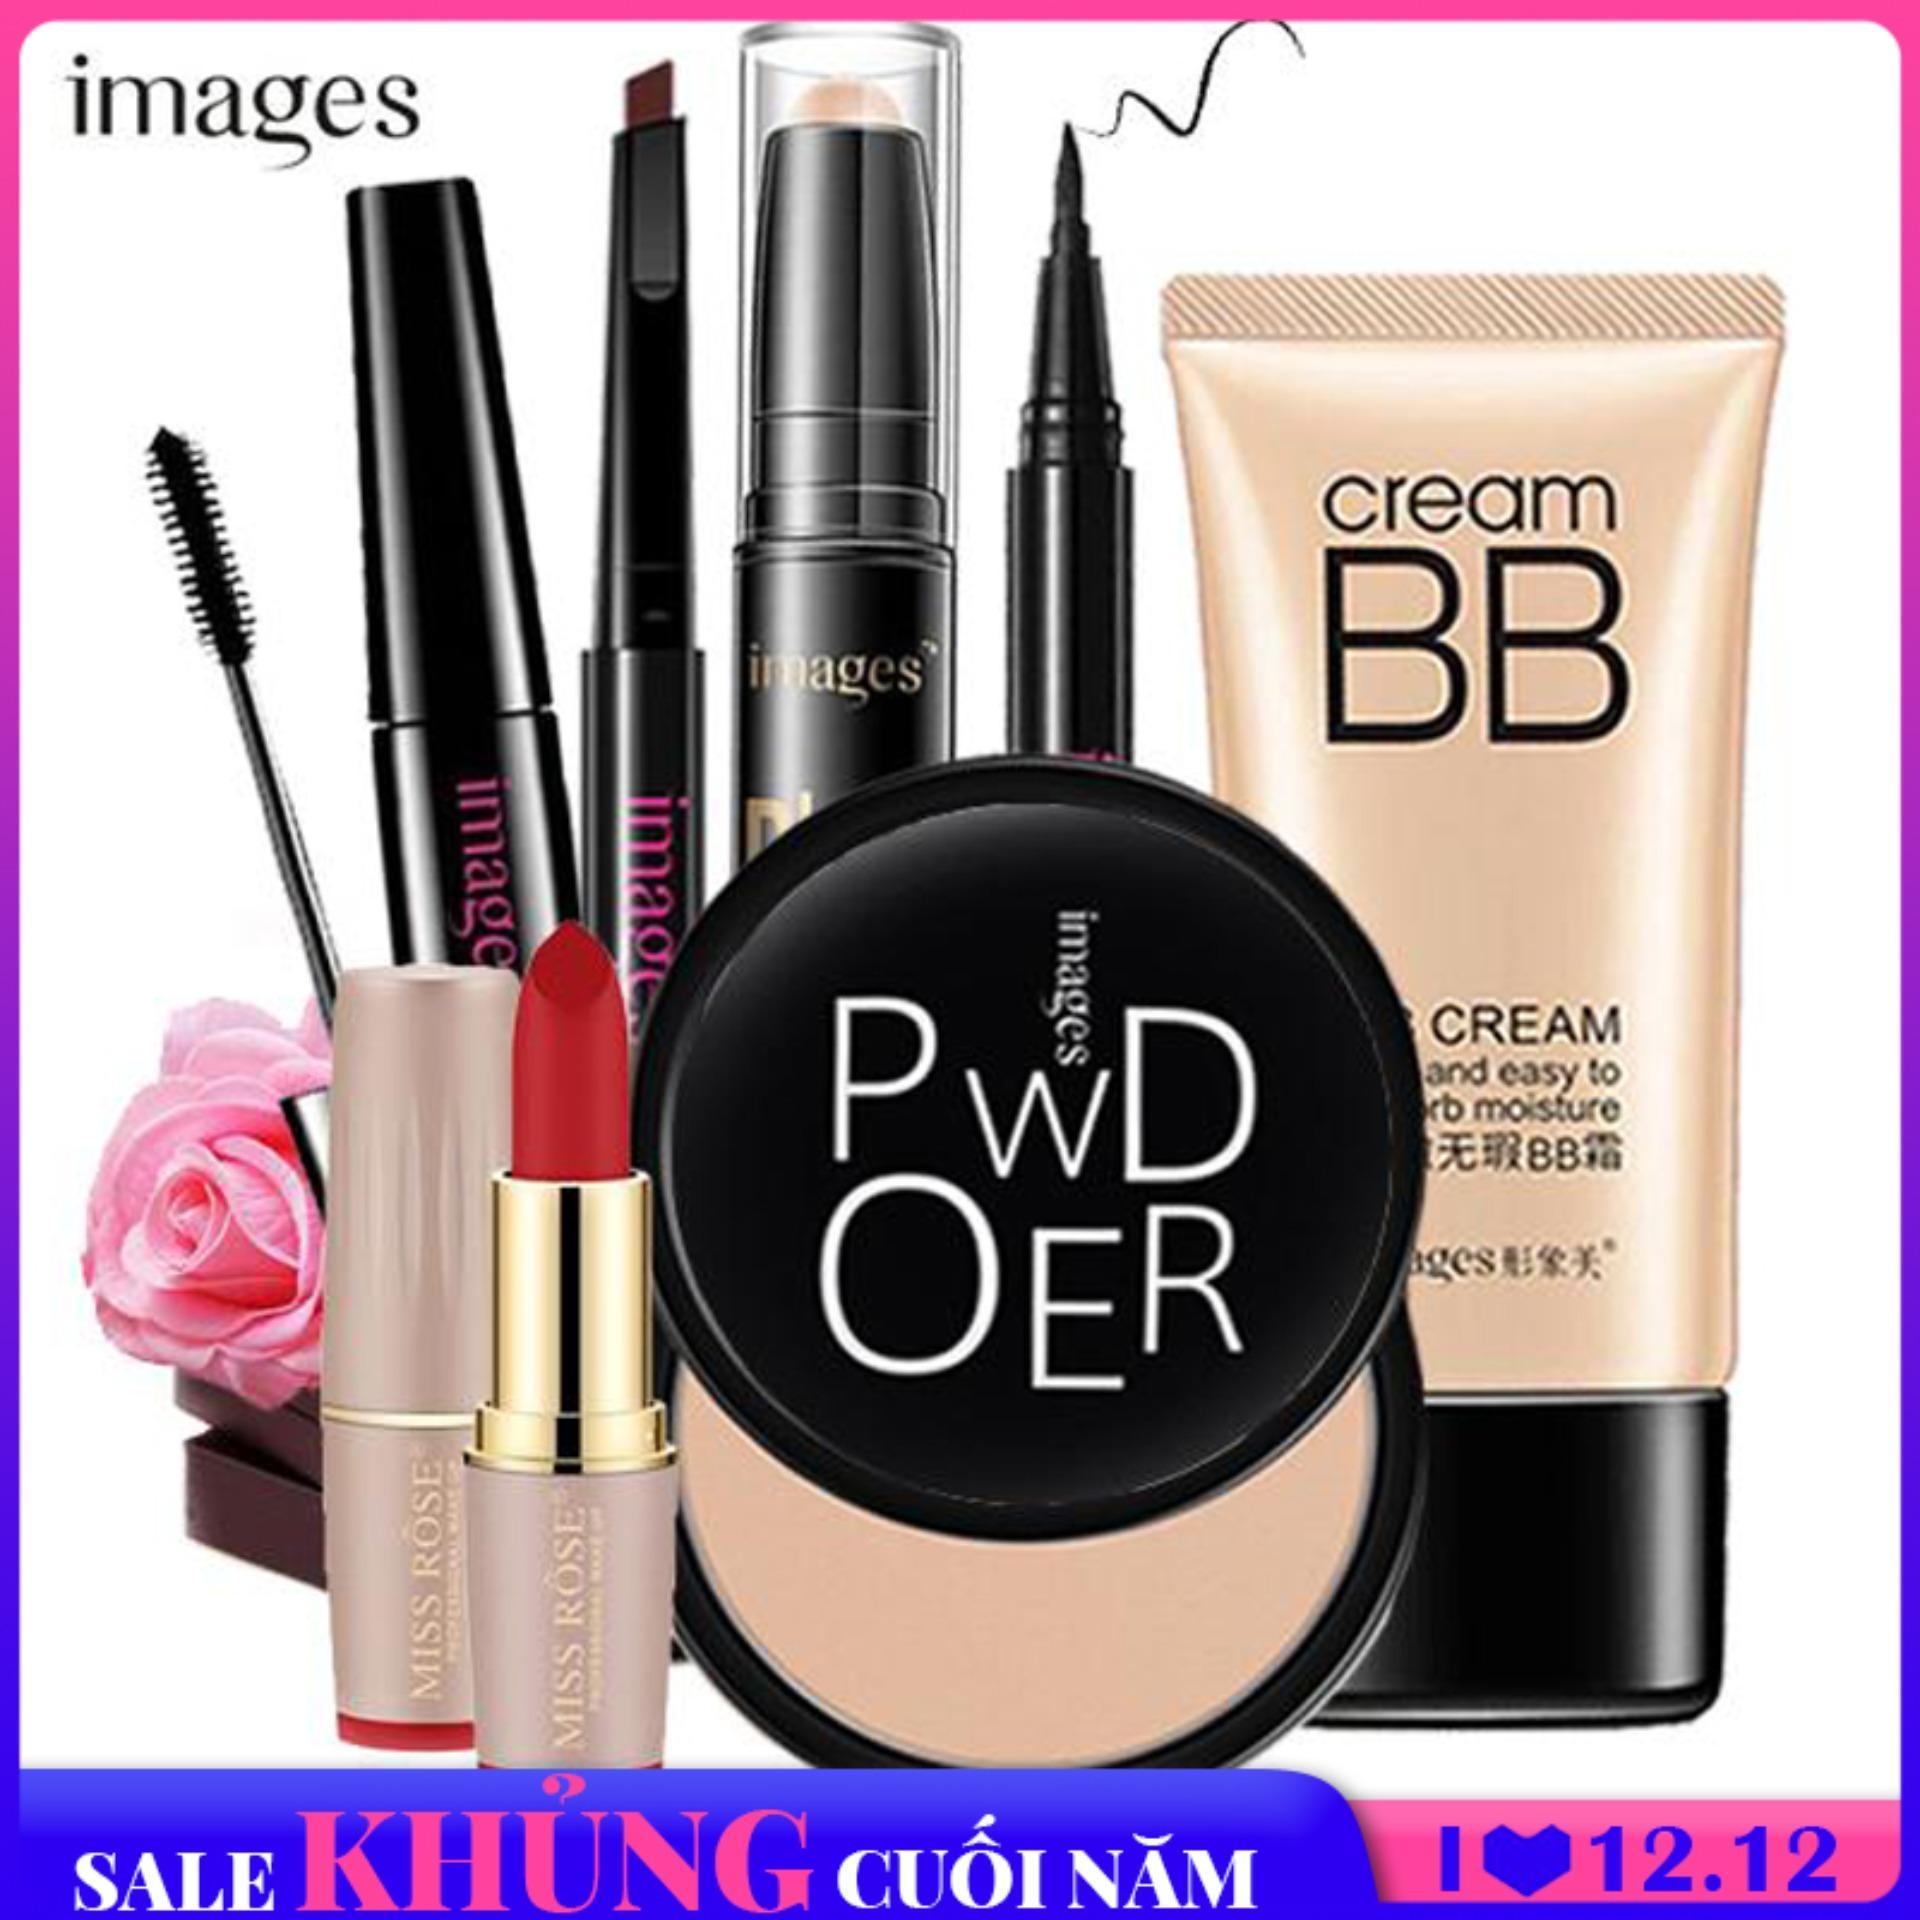 Giá Rẻ Trong Hôm Nay Khi Sở Hữu Bộ Trang điểm Chuyên Nghiệp IMAGES 7 Món Kem BB Che Khuyết điểm + Phấn Phủ Kiềm Dầu Cao Cấp+ Bút Tạo Khối + Chì Kẻ Mày Lâu Trôi + Bút Dạ Kẻ Mắt + Mascara 4d + Son Siêu Lì Bộ Makeup Cá Nhân Bộ Trang điểm Cơ Bản XP-BT761